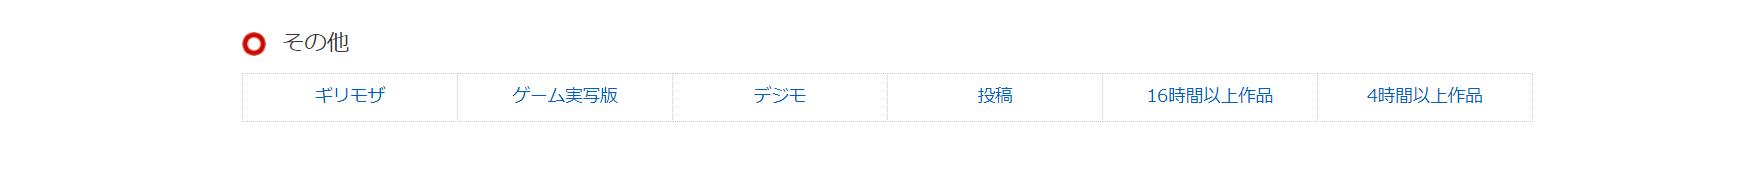 コスパトップクラスなDMM見放題chライト(FANZA)のジャンル一覧05